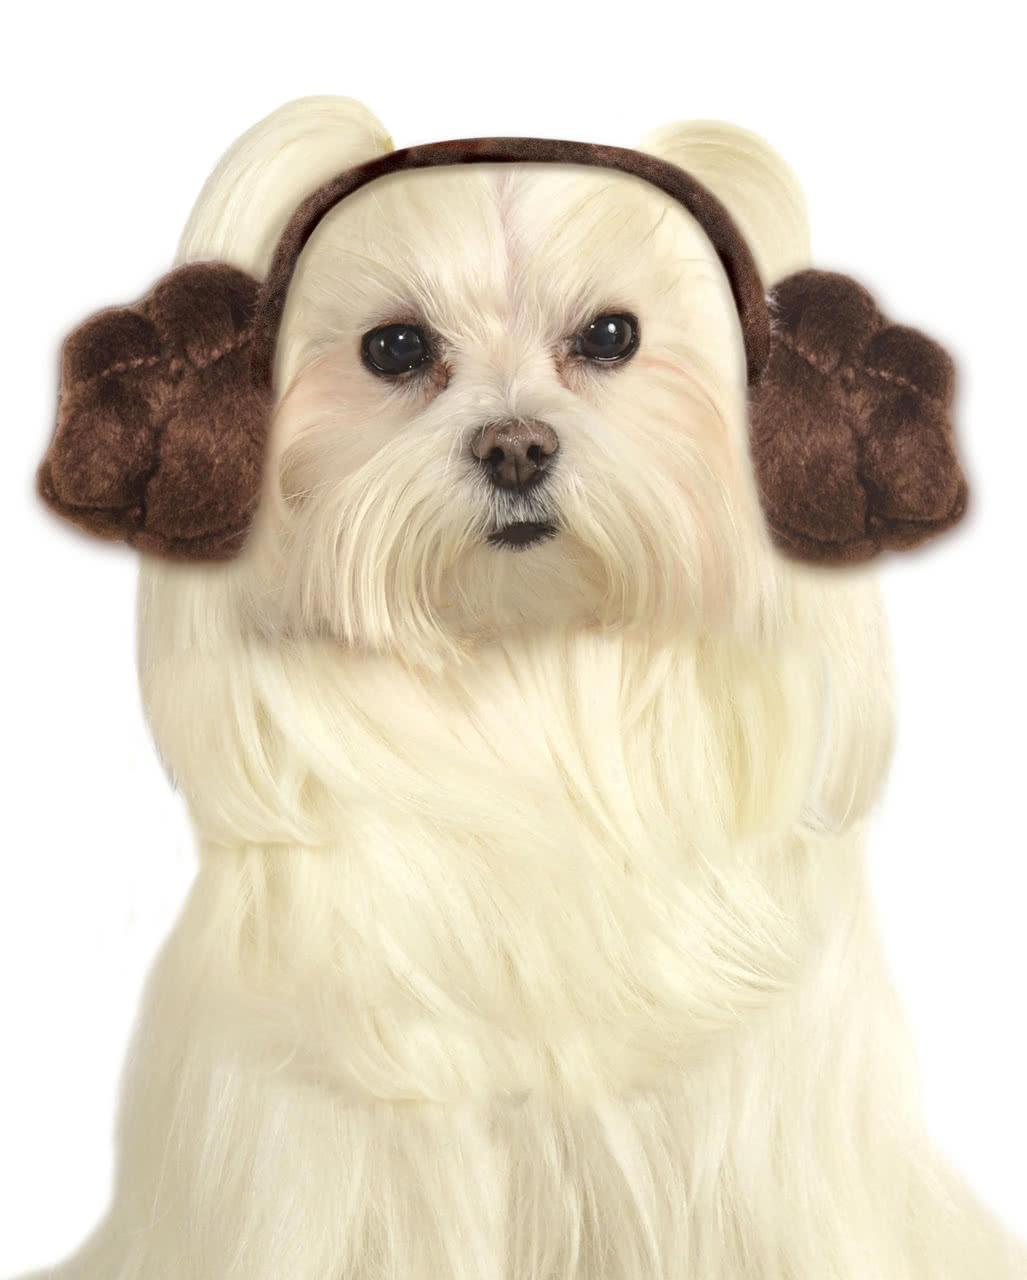 Princess Leia Dog Frisur As A Dog Costume Horror Shopcom